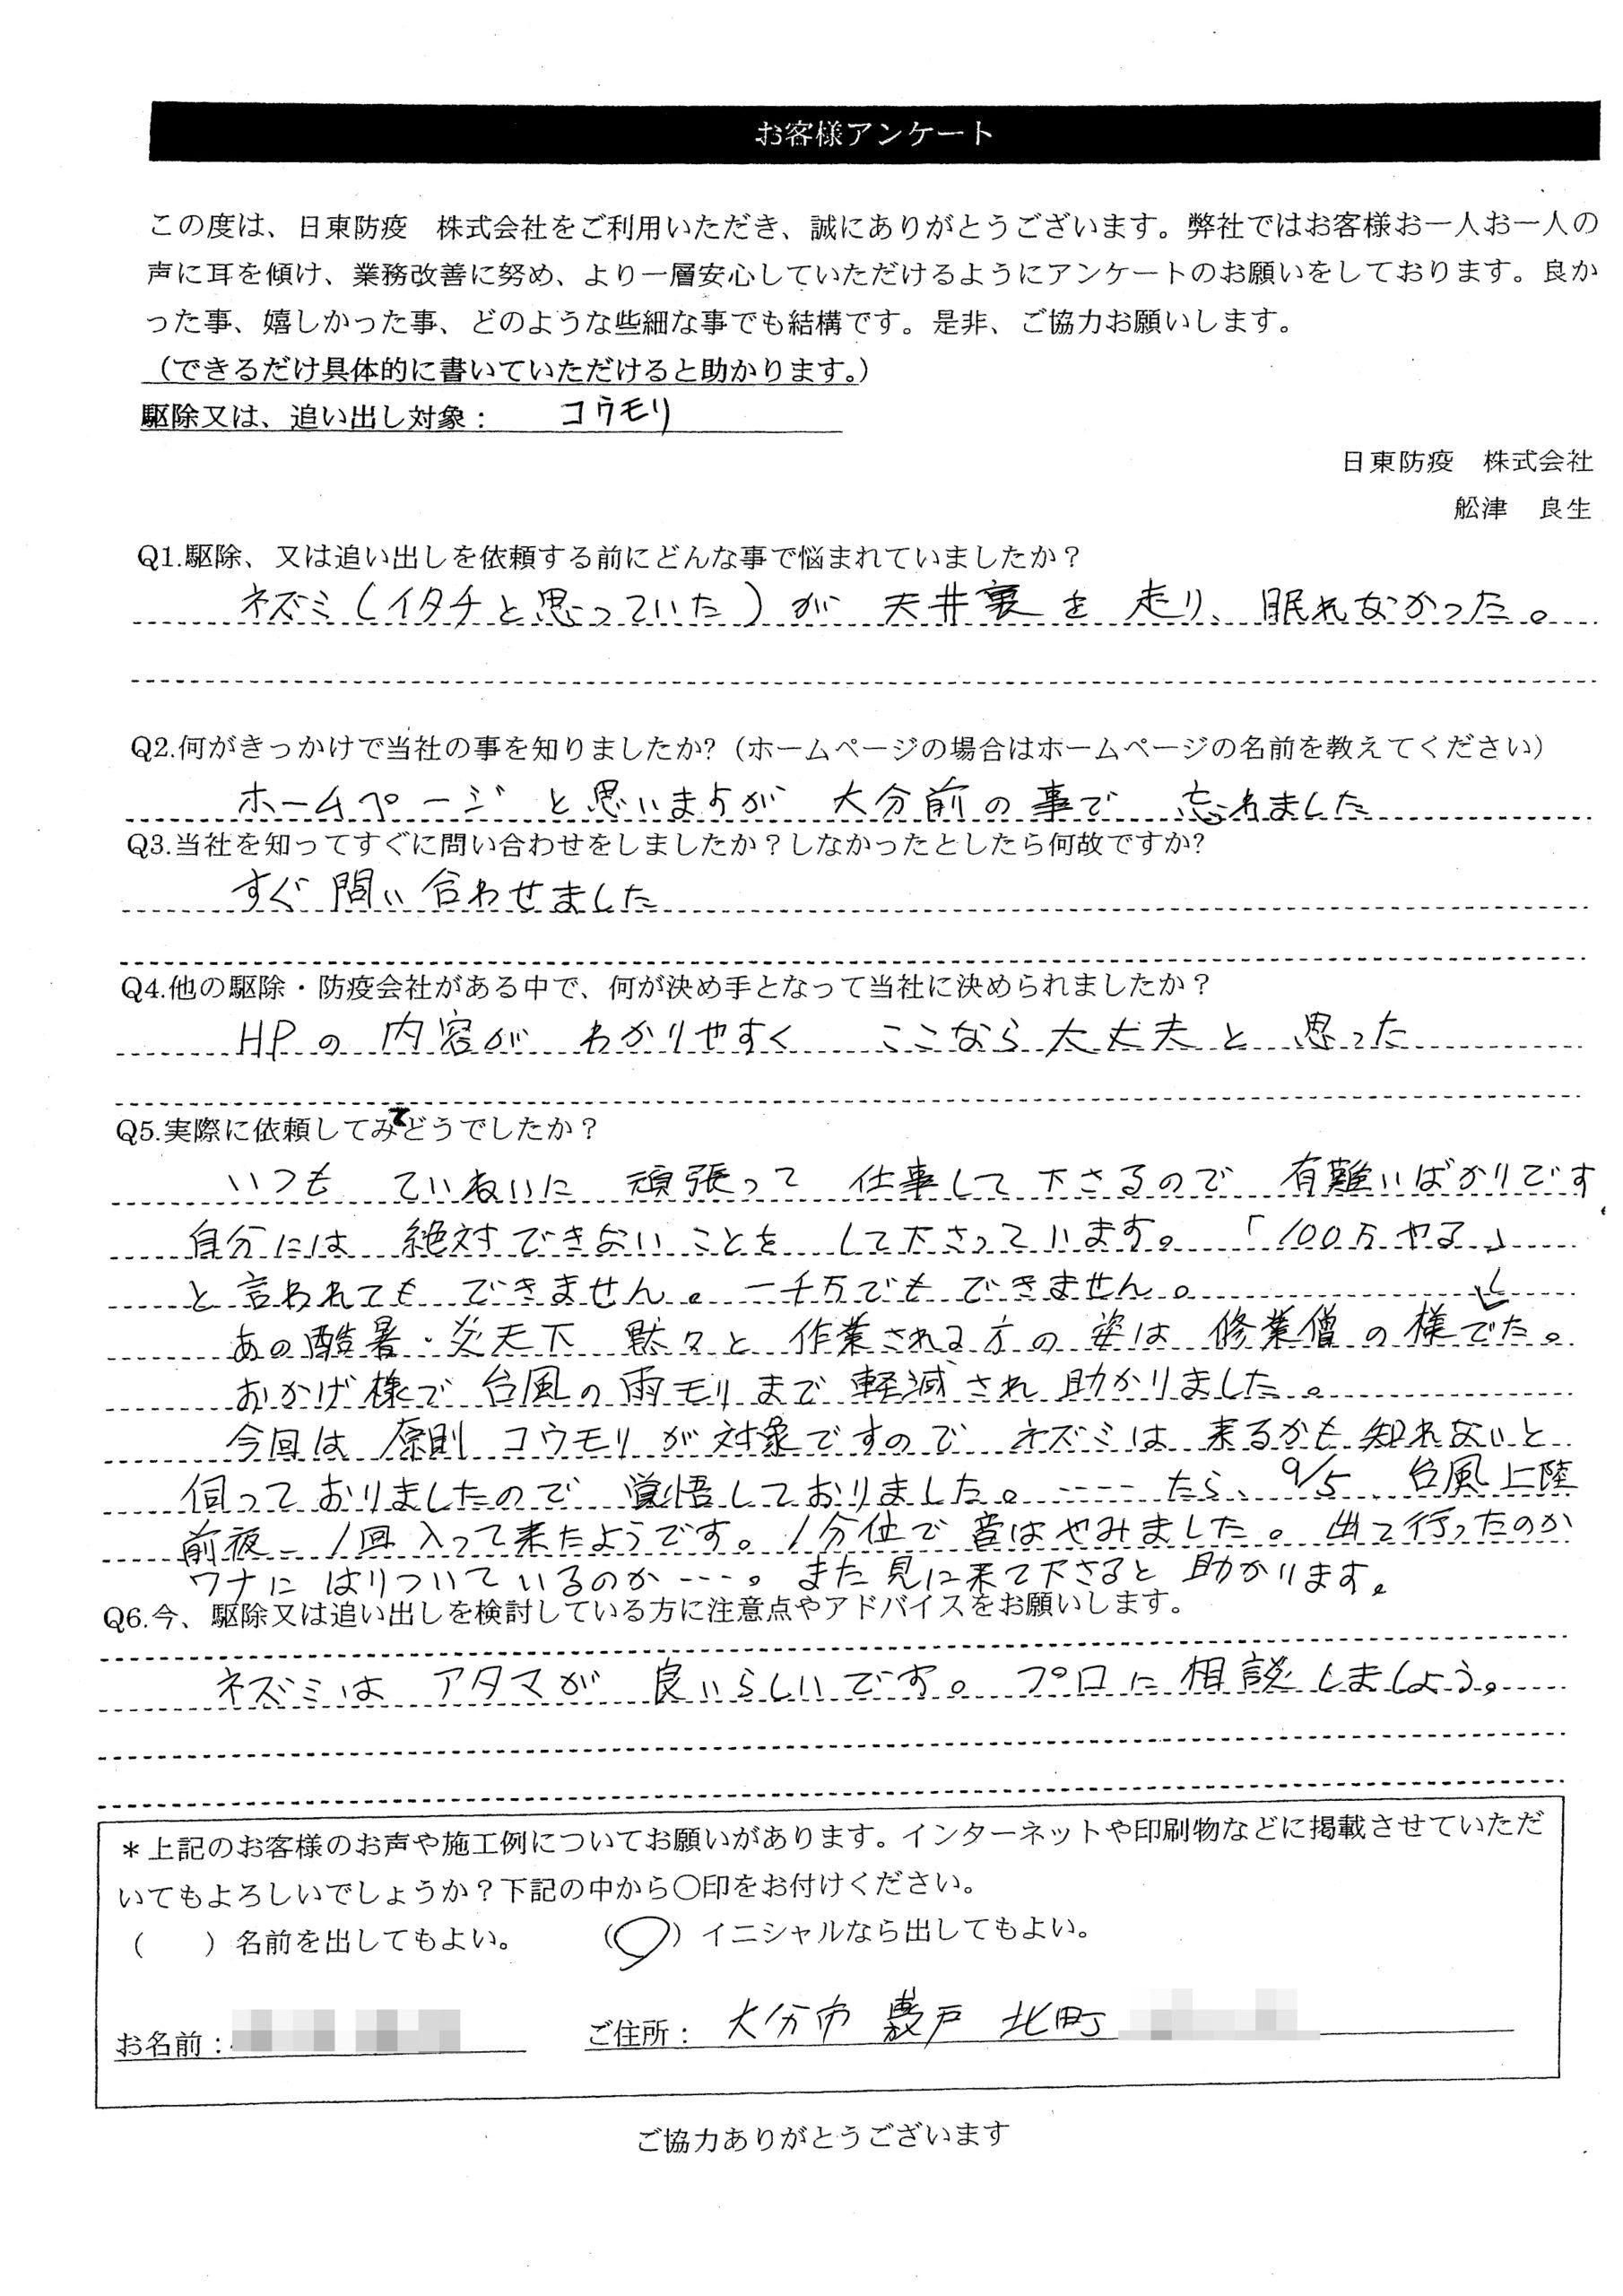 S様_2アンケート